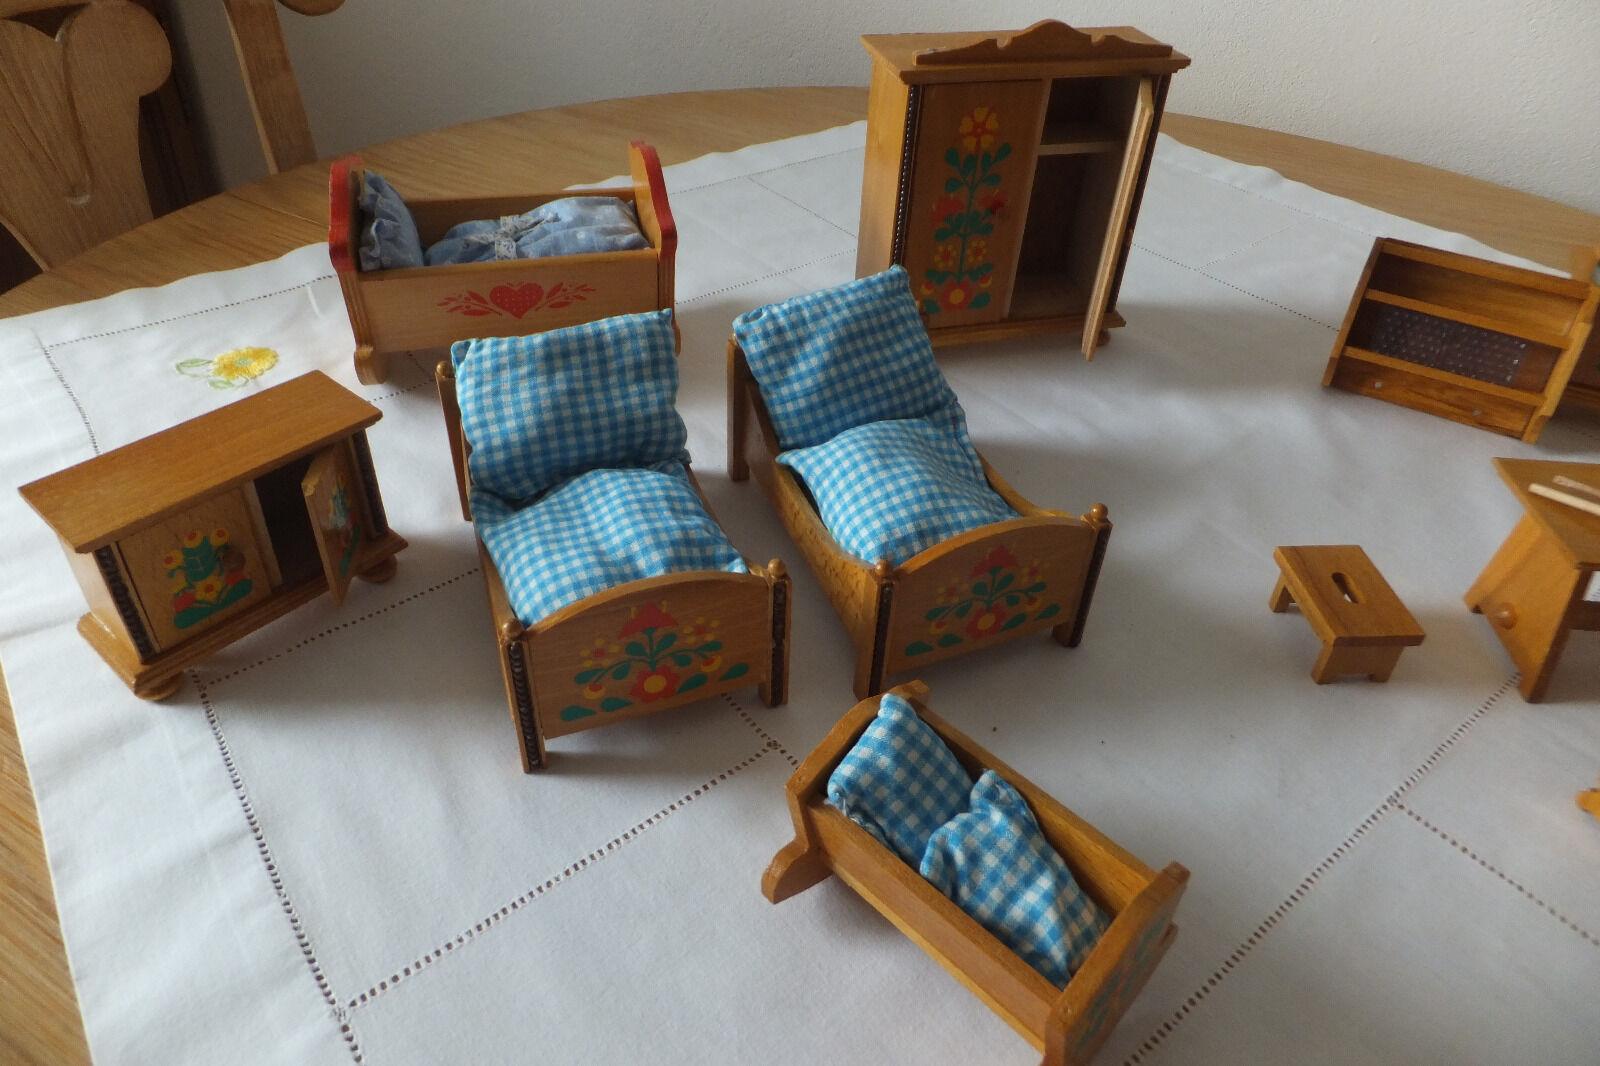 puppenstuben m bel esszimmer und schlafzimmer massivholz bestehend aus 12 teile eur 100 00. Black Bedroom Furniture Sets. Home Design Ideas